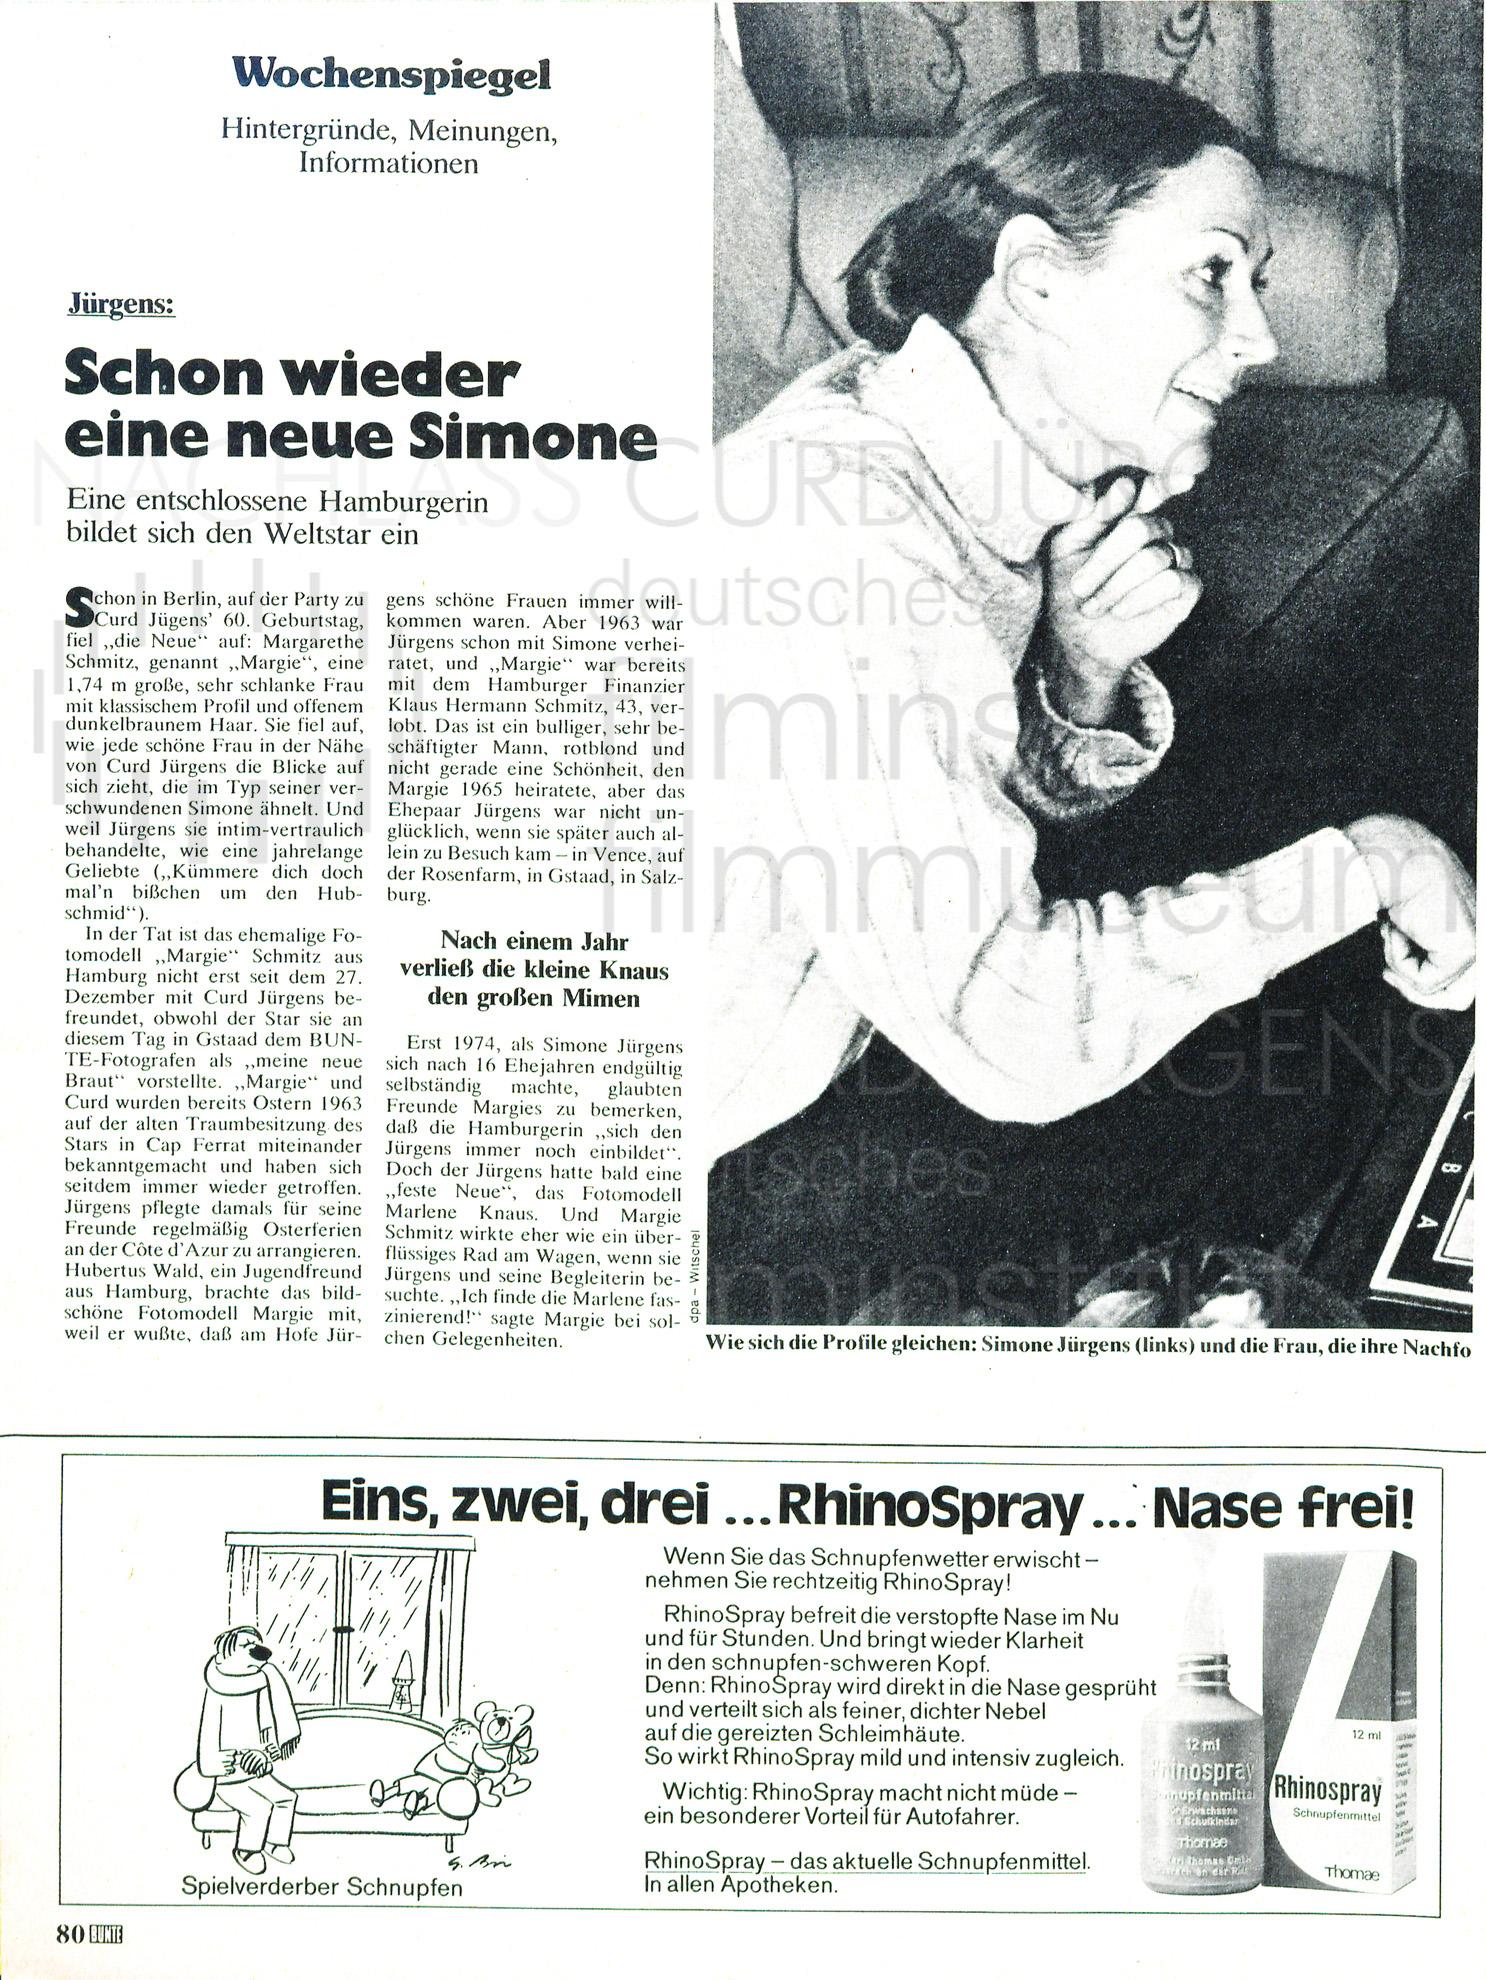 """BUNTE: """"Jürgens: Schon wieder eine neue Simone"""", 24.1.1976"""